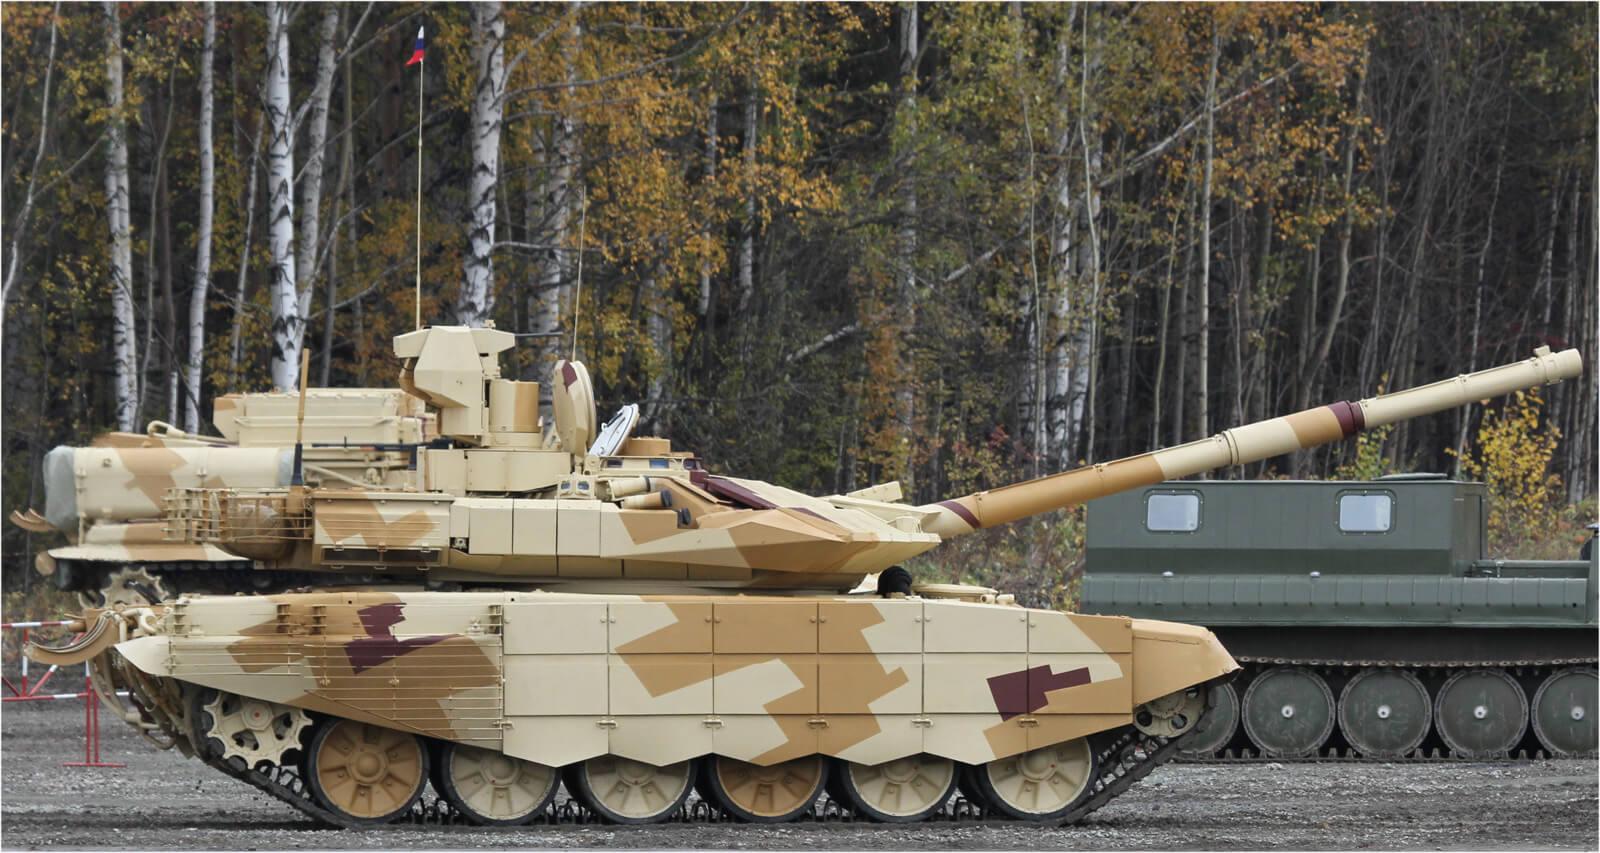 Россия покажет первый танк, напечатанный на 3D-принтере. В реальном масштабе